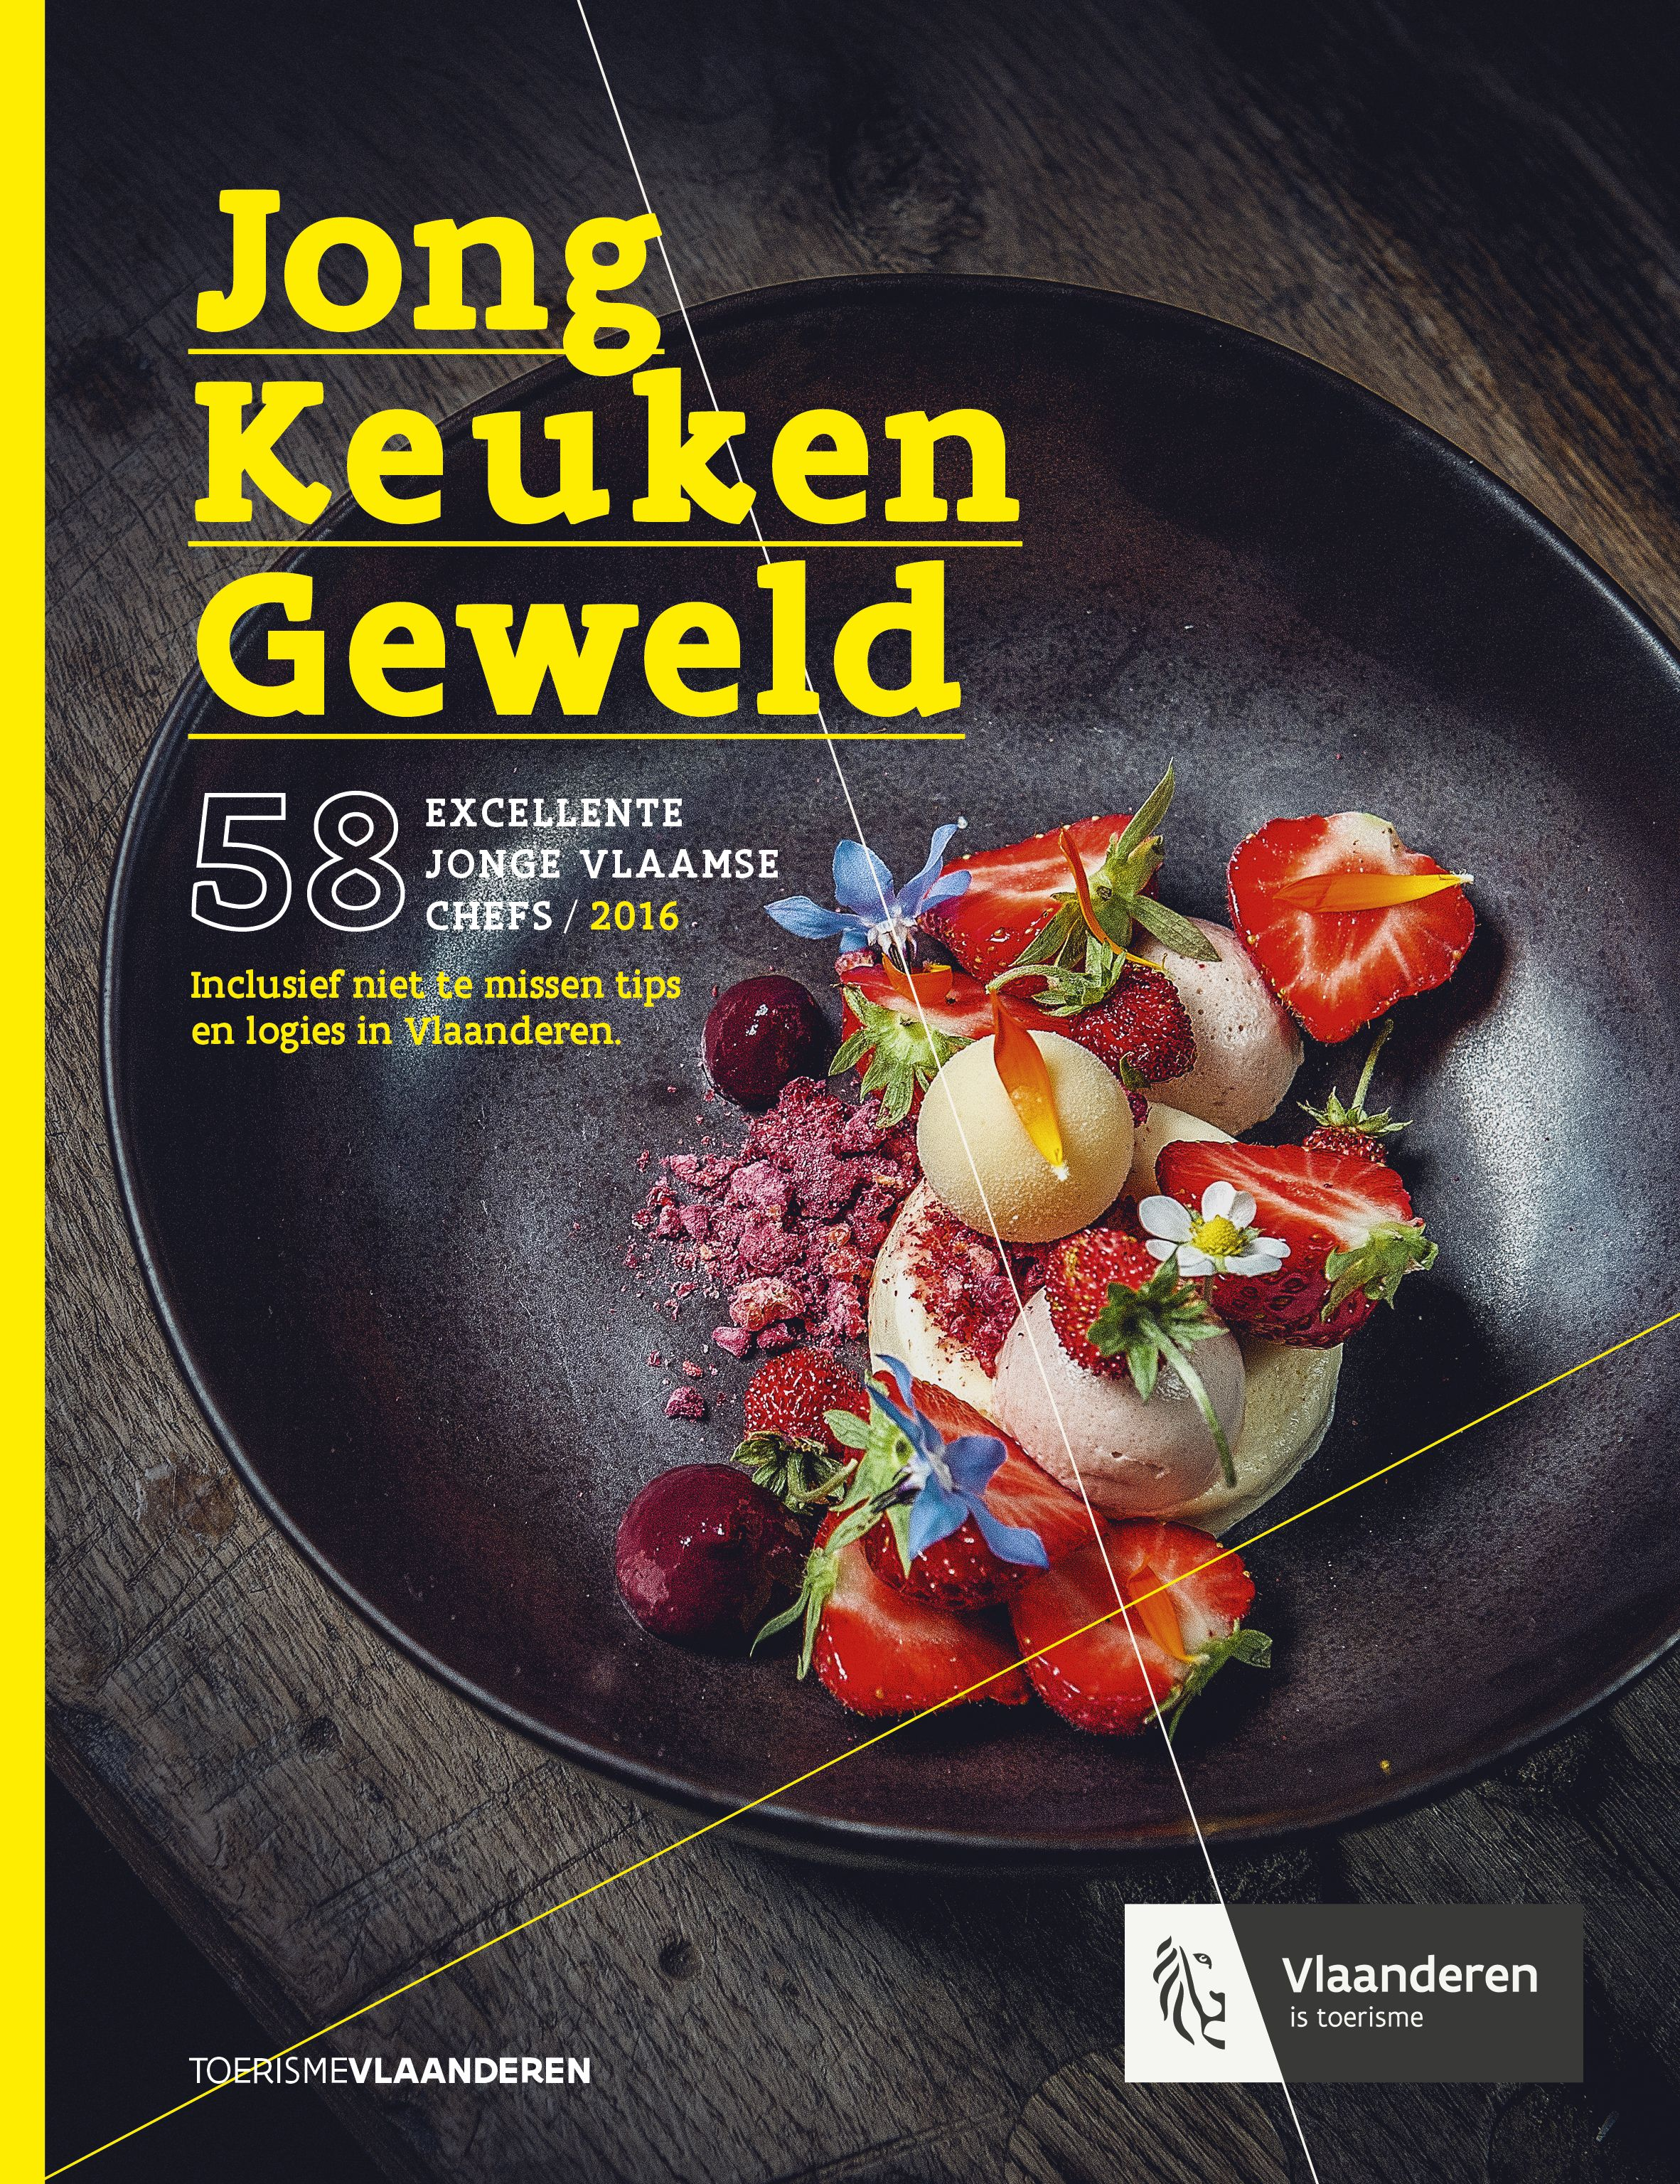 Jong keukengeweld_2015_NL_COVER